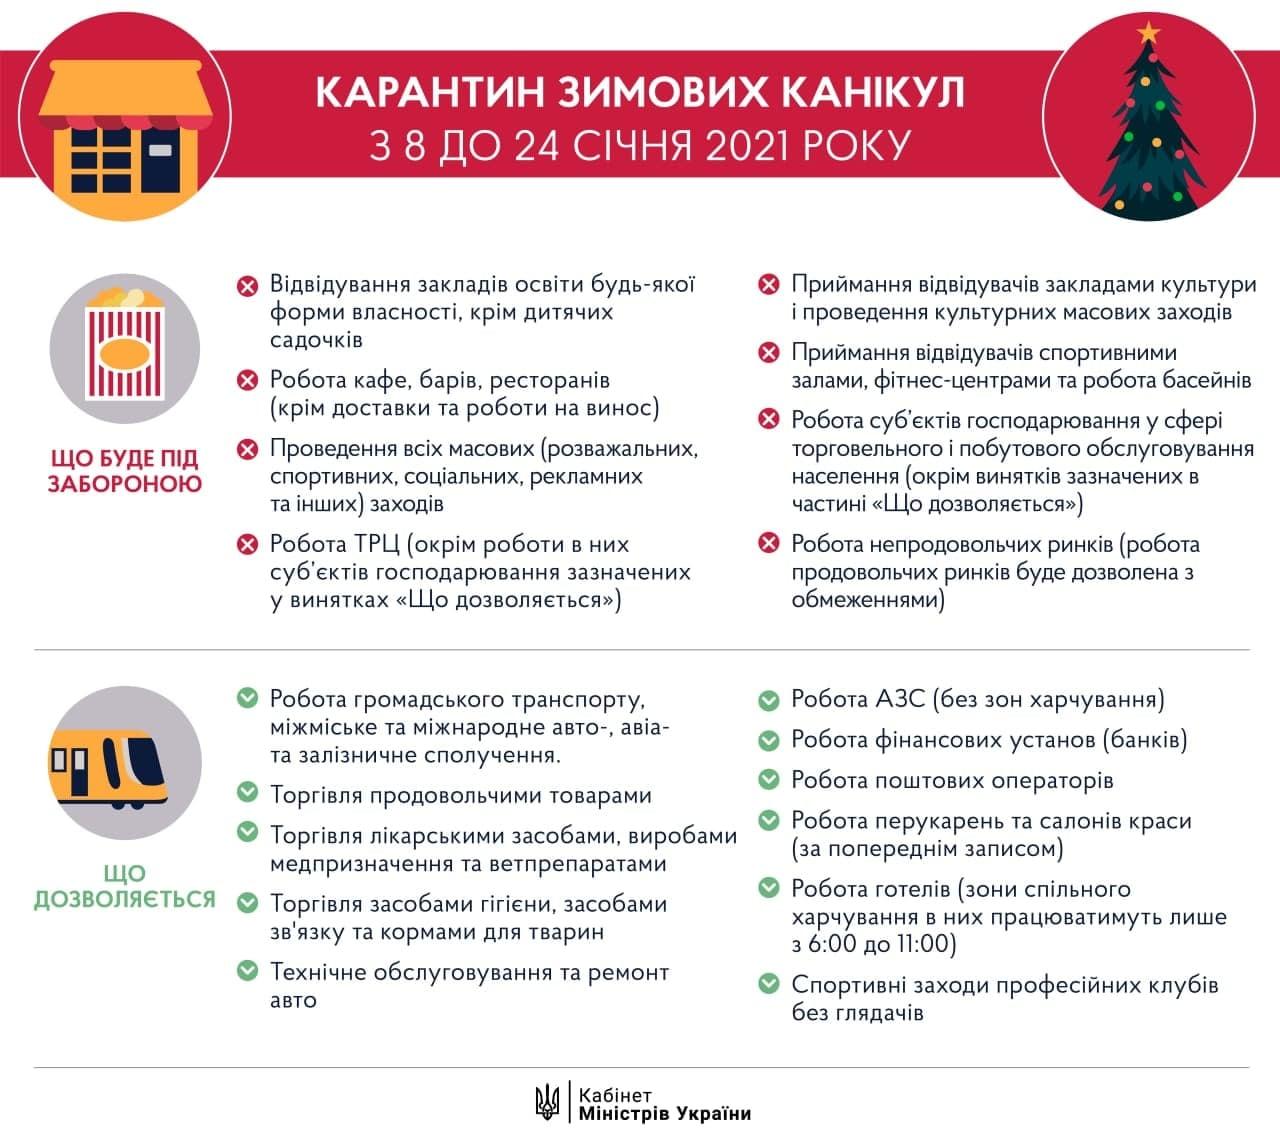 З 19 грудня 2020 року по всій території України будуть діяти нові обмеження.